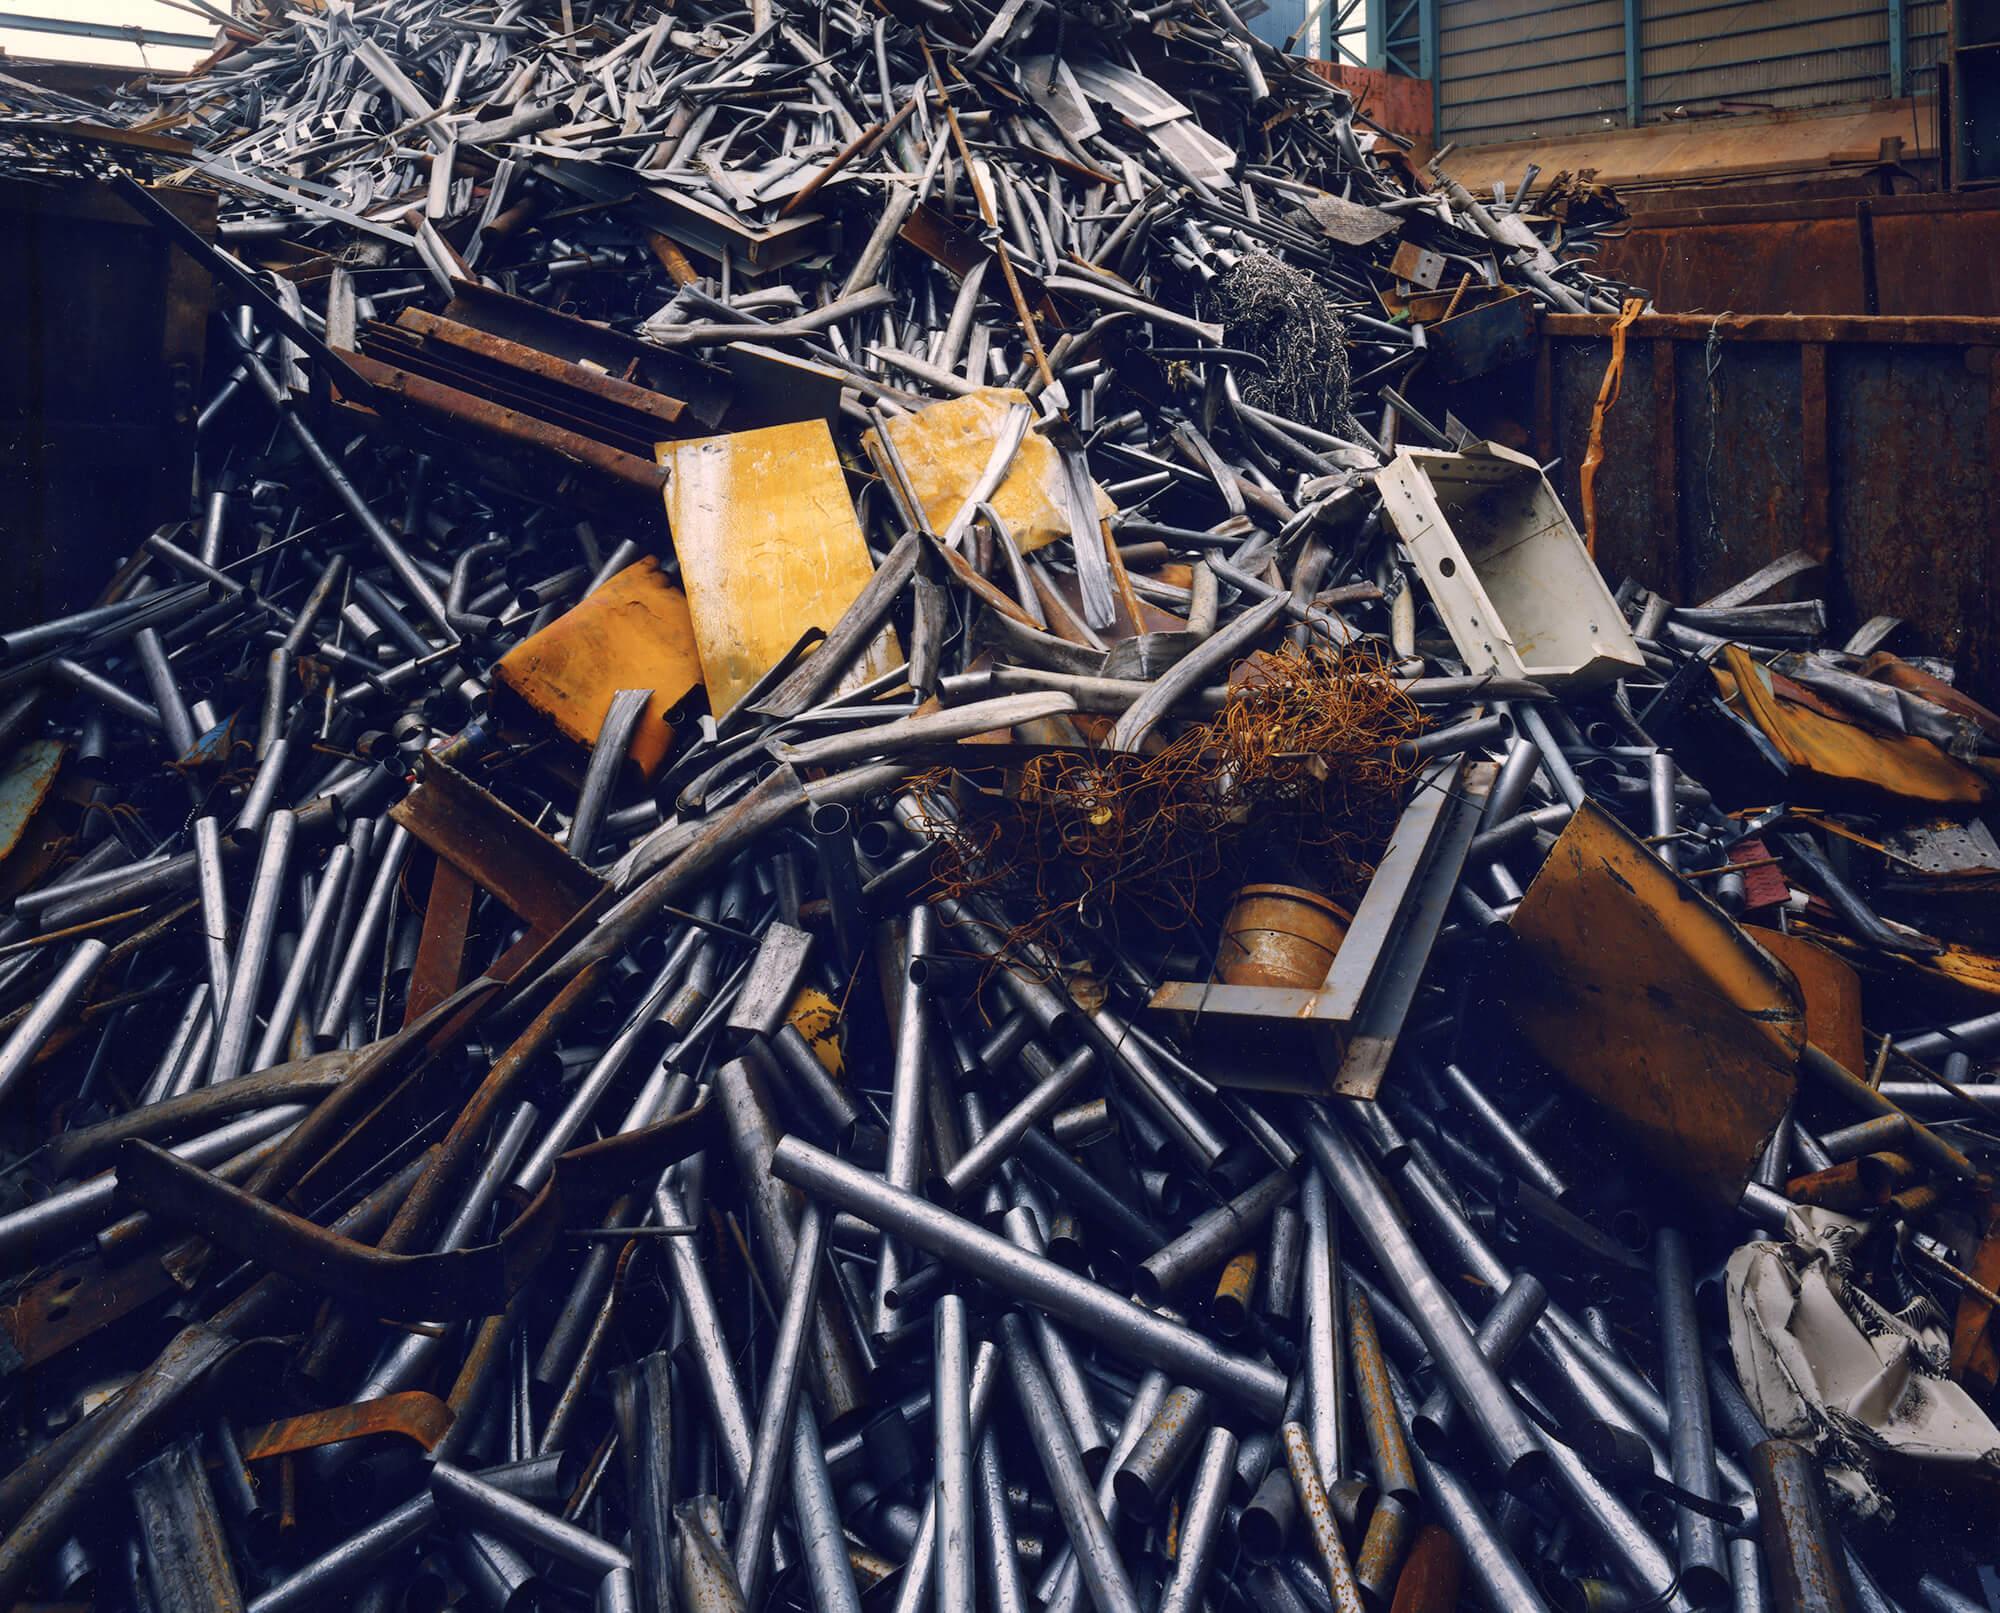 waste-5